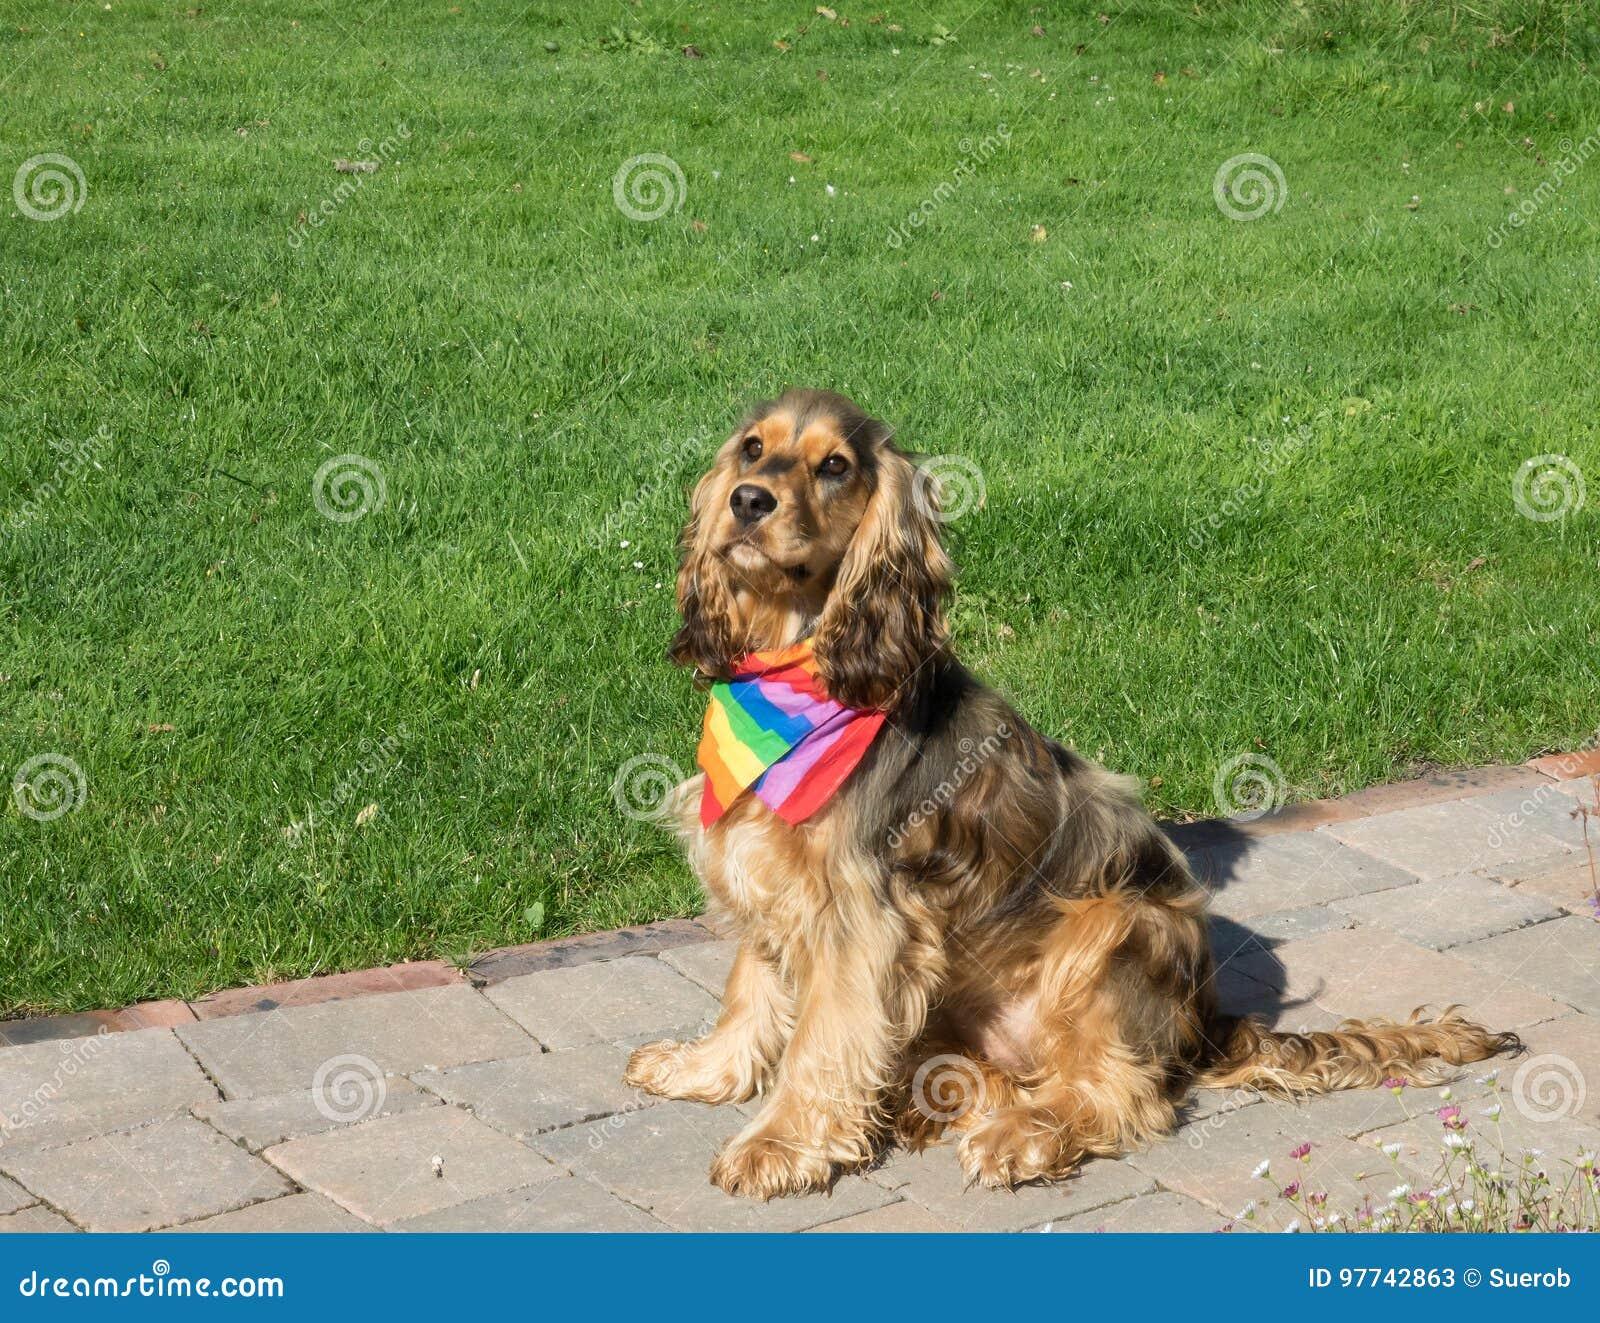 狗佩带的自豪感彩虹围巾